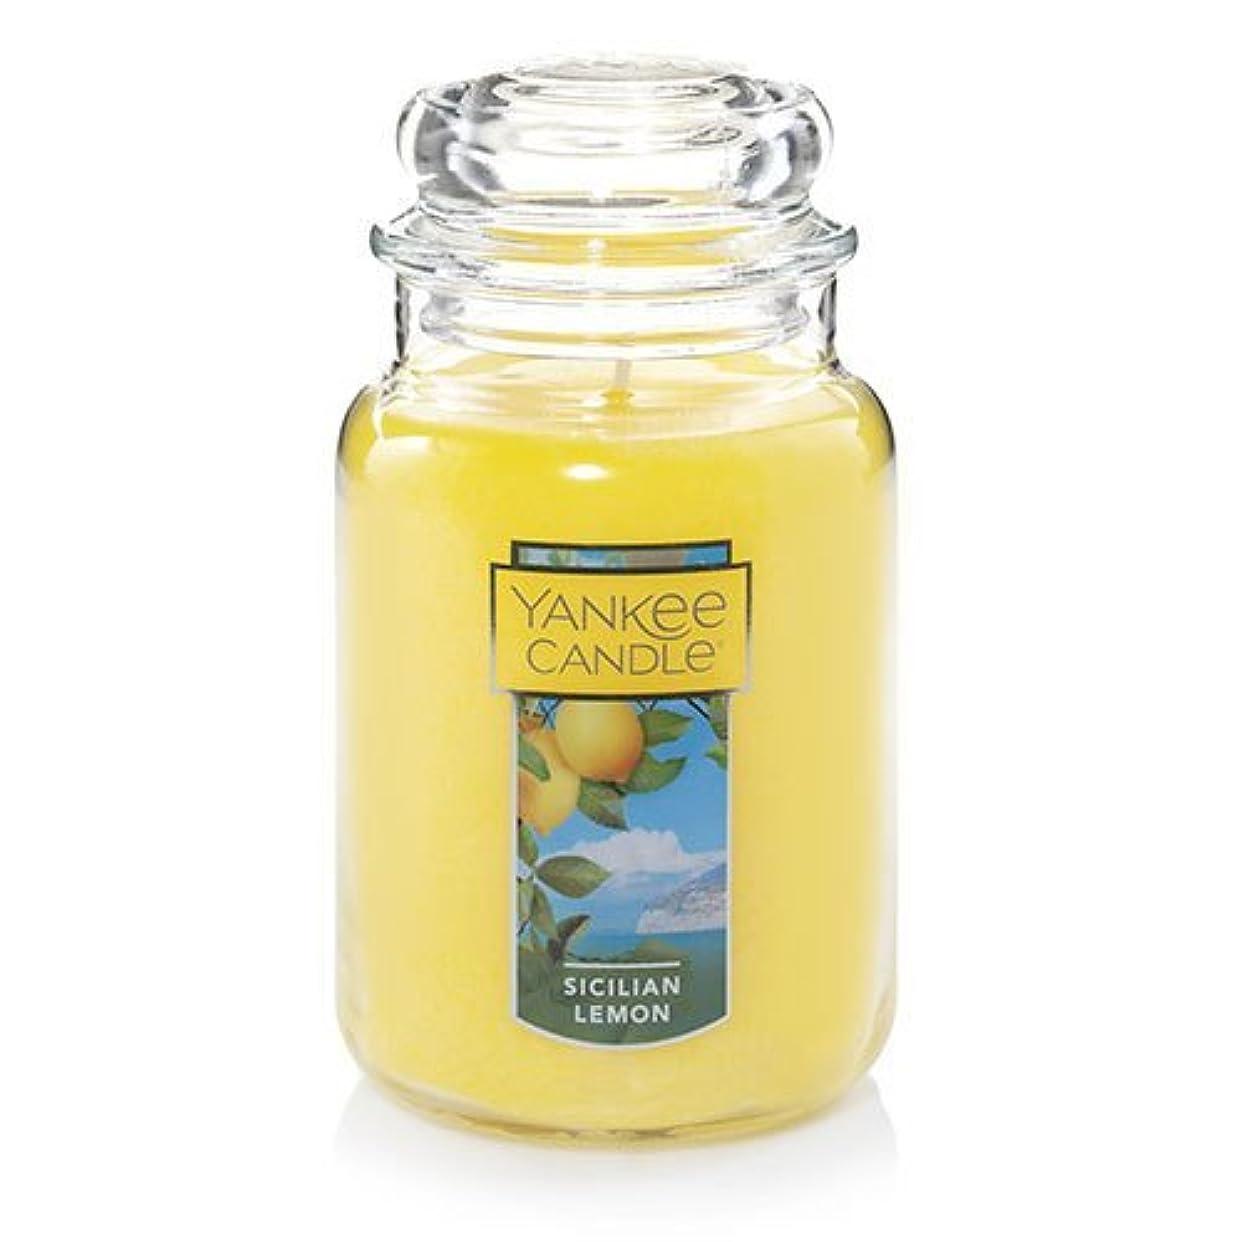 努力する思春期の原子YankeeキャンドルSicilian Lemon Large Jar Candle、新鮮な香り